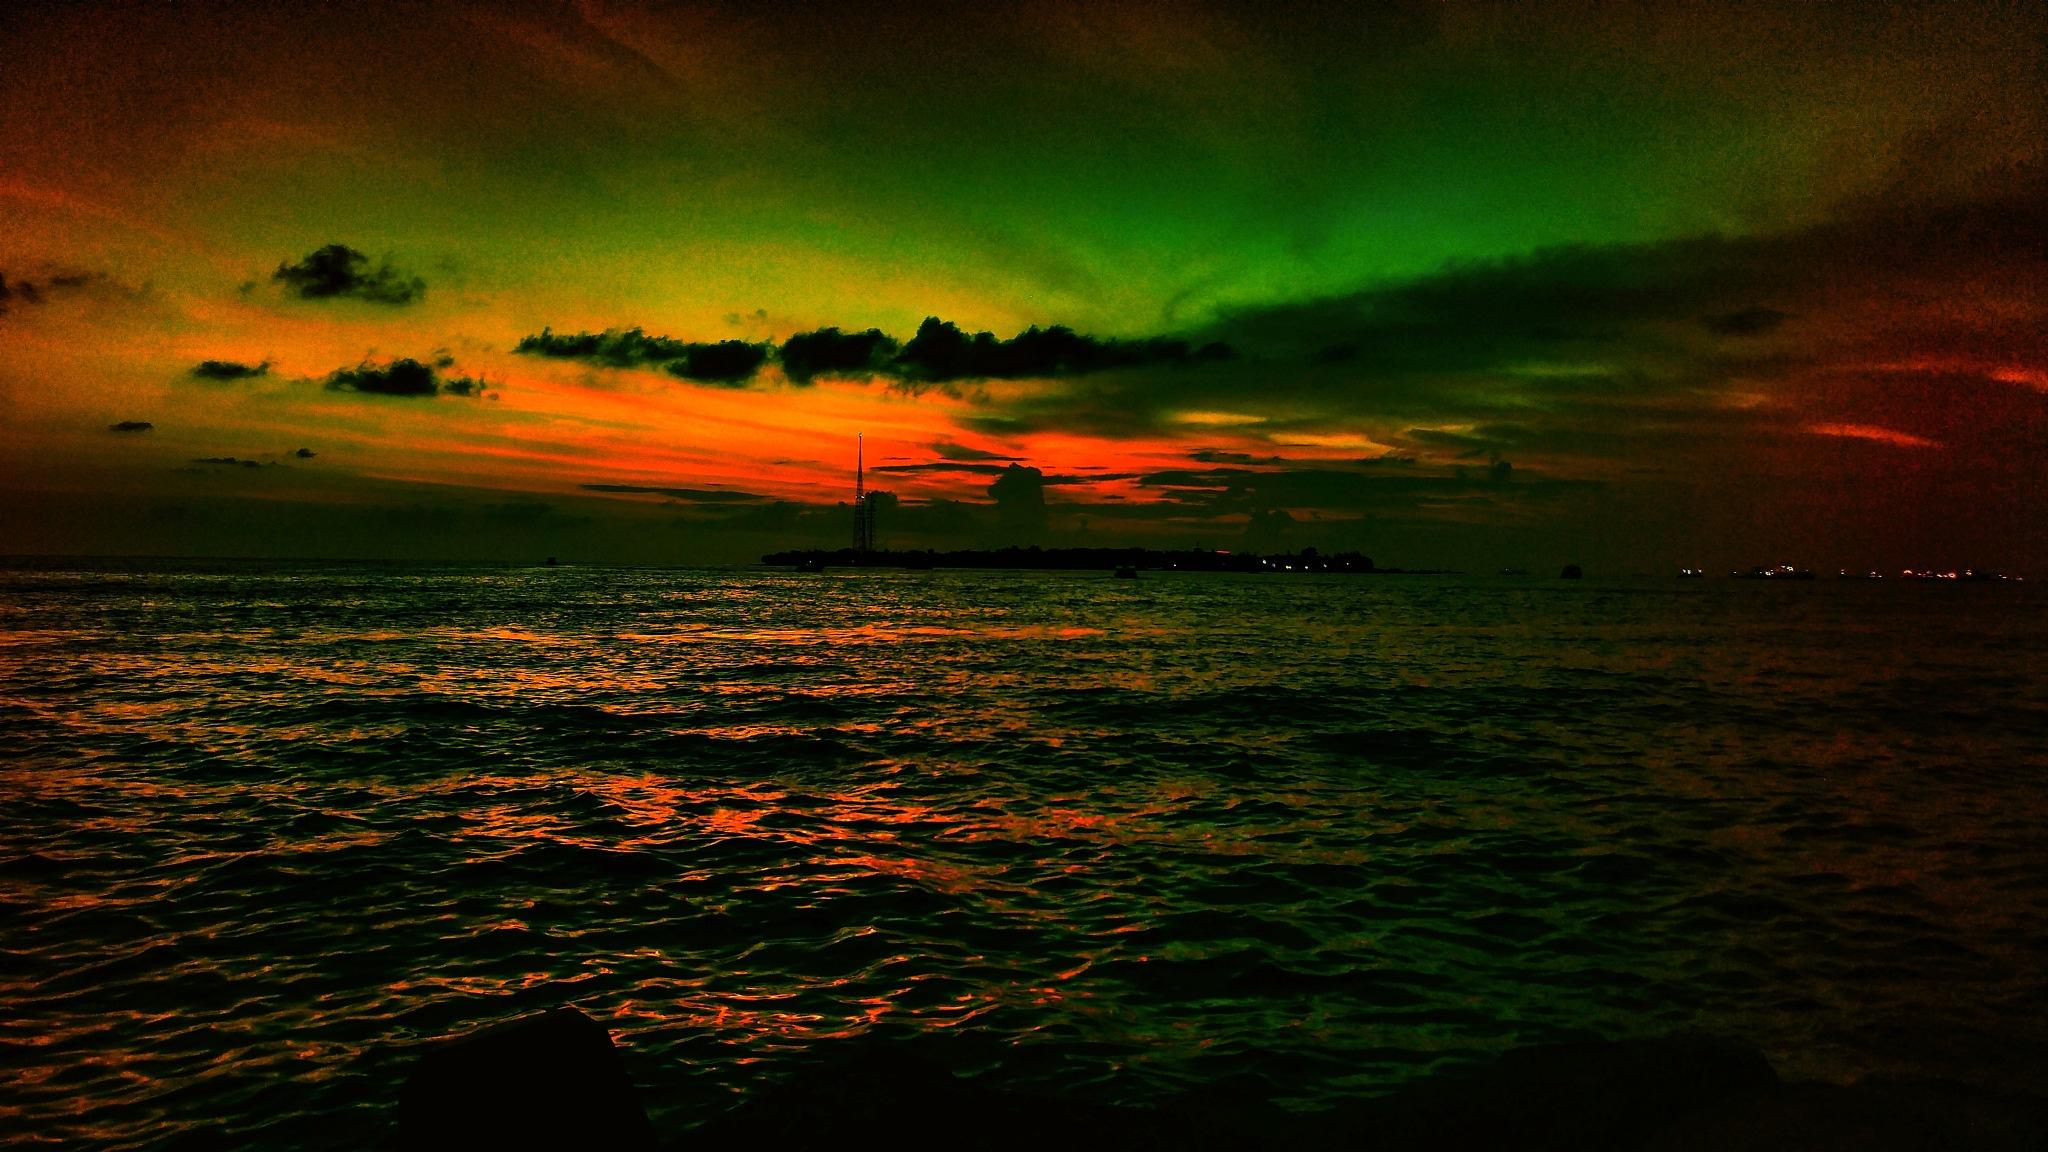 Sunset ❤ by Yattey D. Koaru